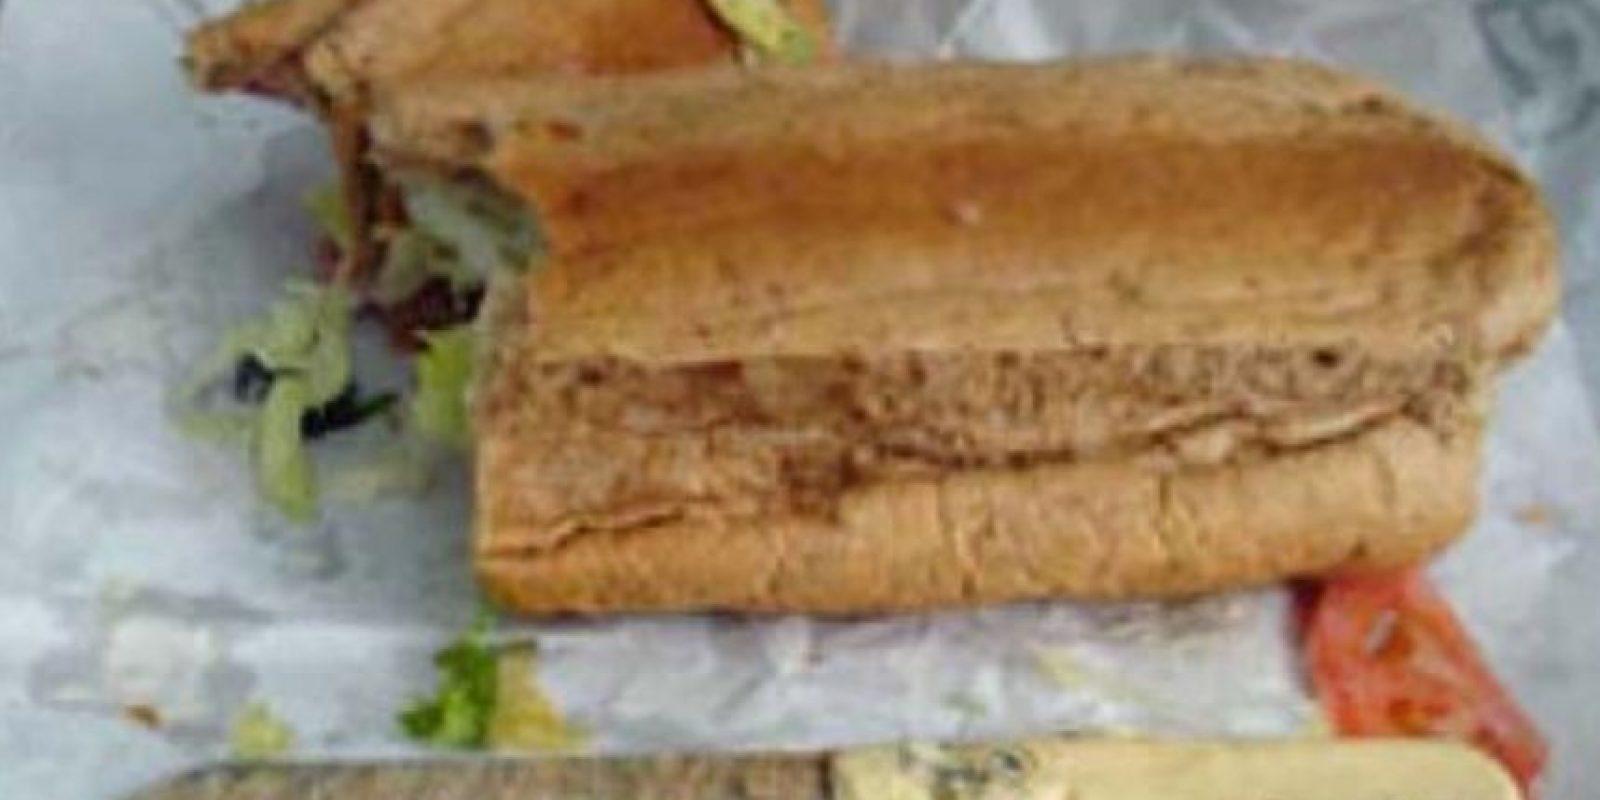 Cuchillo en el sandwich. Foto:vía EpicFail